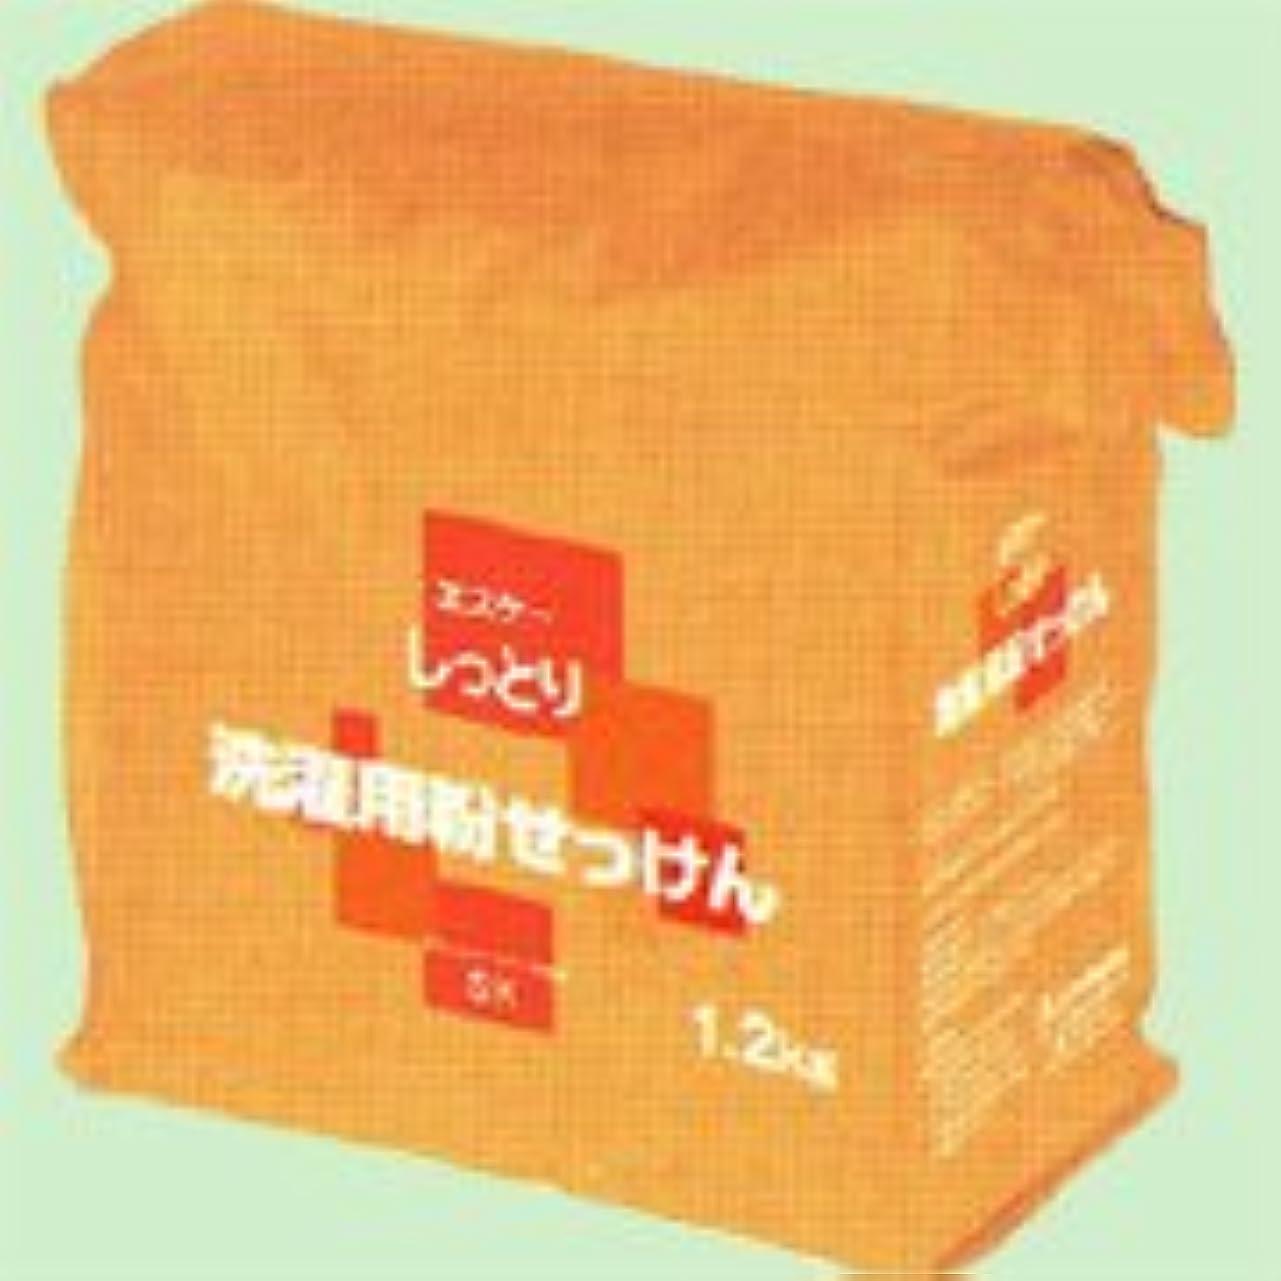 たっぷり断言する枠しっとり洗濯用粉せっけん詰替用 1.2kg   エスケー石鹸